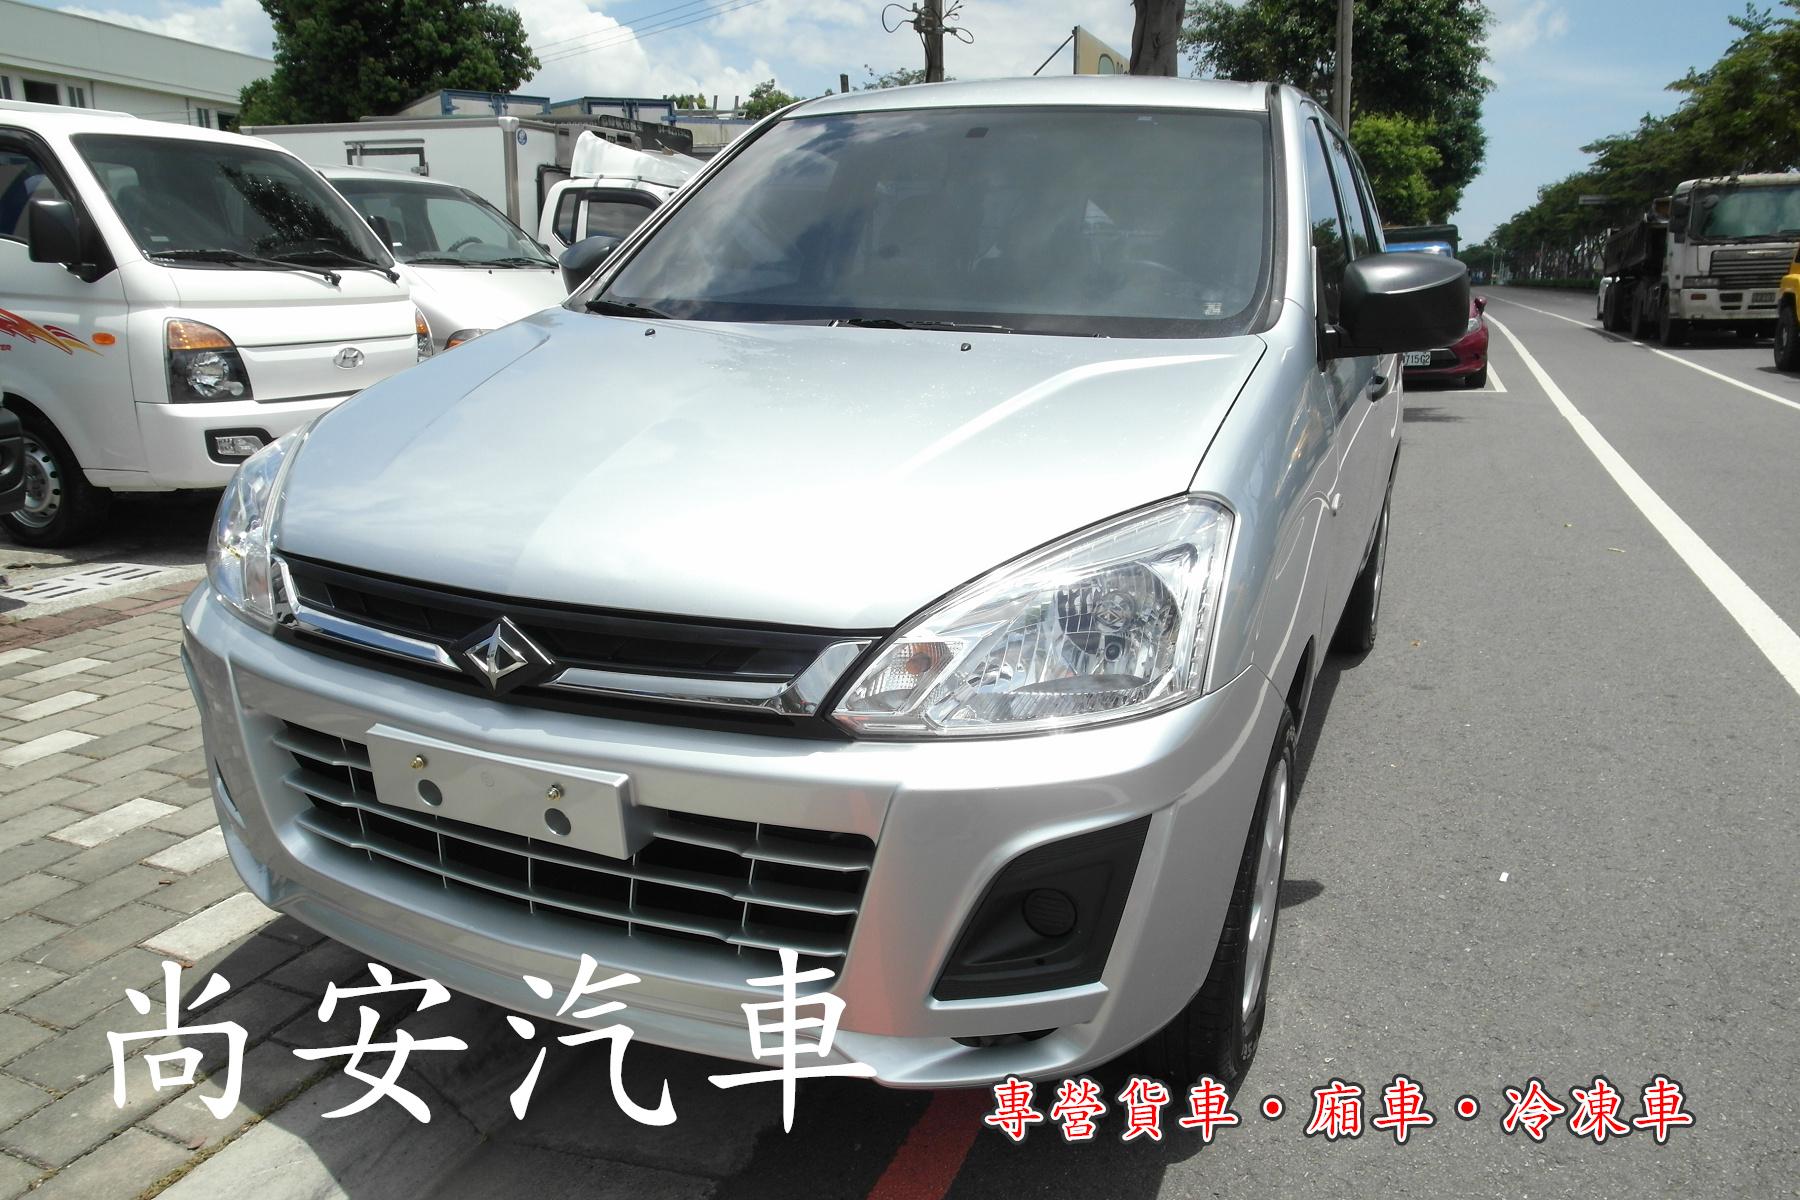 2016 Mitsubishi Zinger